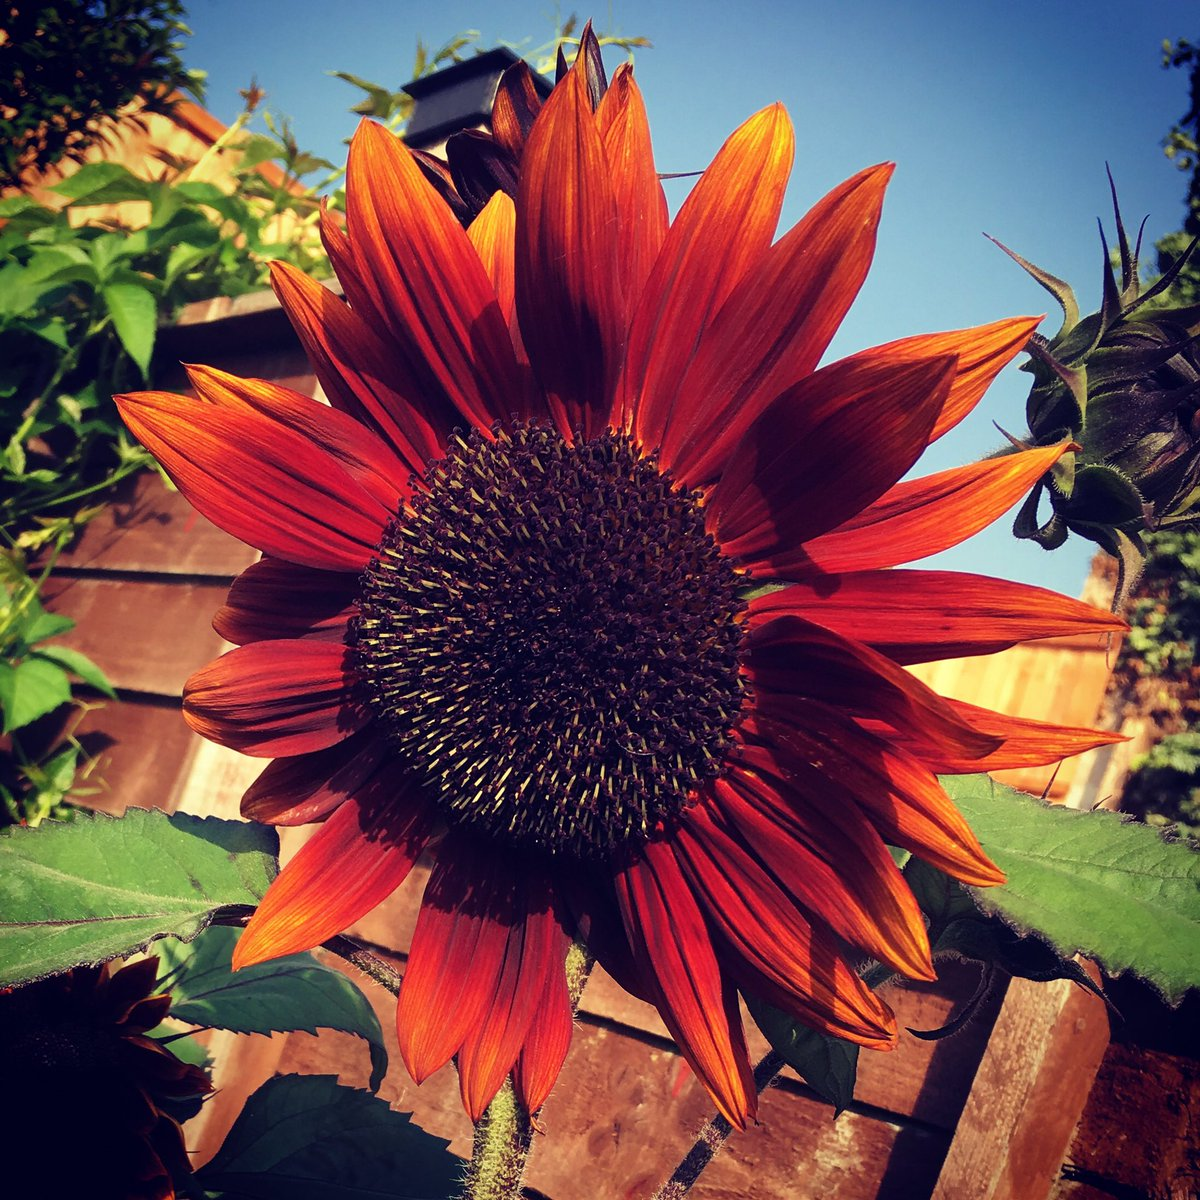 Helianthus annuus &quot;Claret&quot; F1 #Sunflowers #mygarden #sarahraven<br>http://pic.twitter.com/czJPg3vbxQ